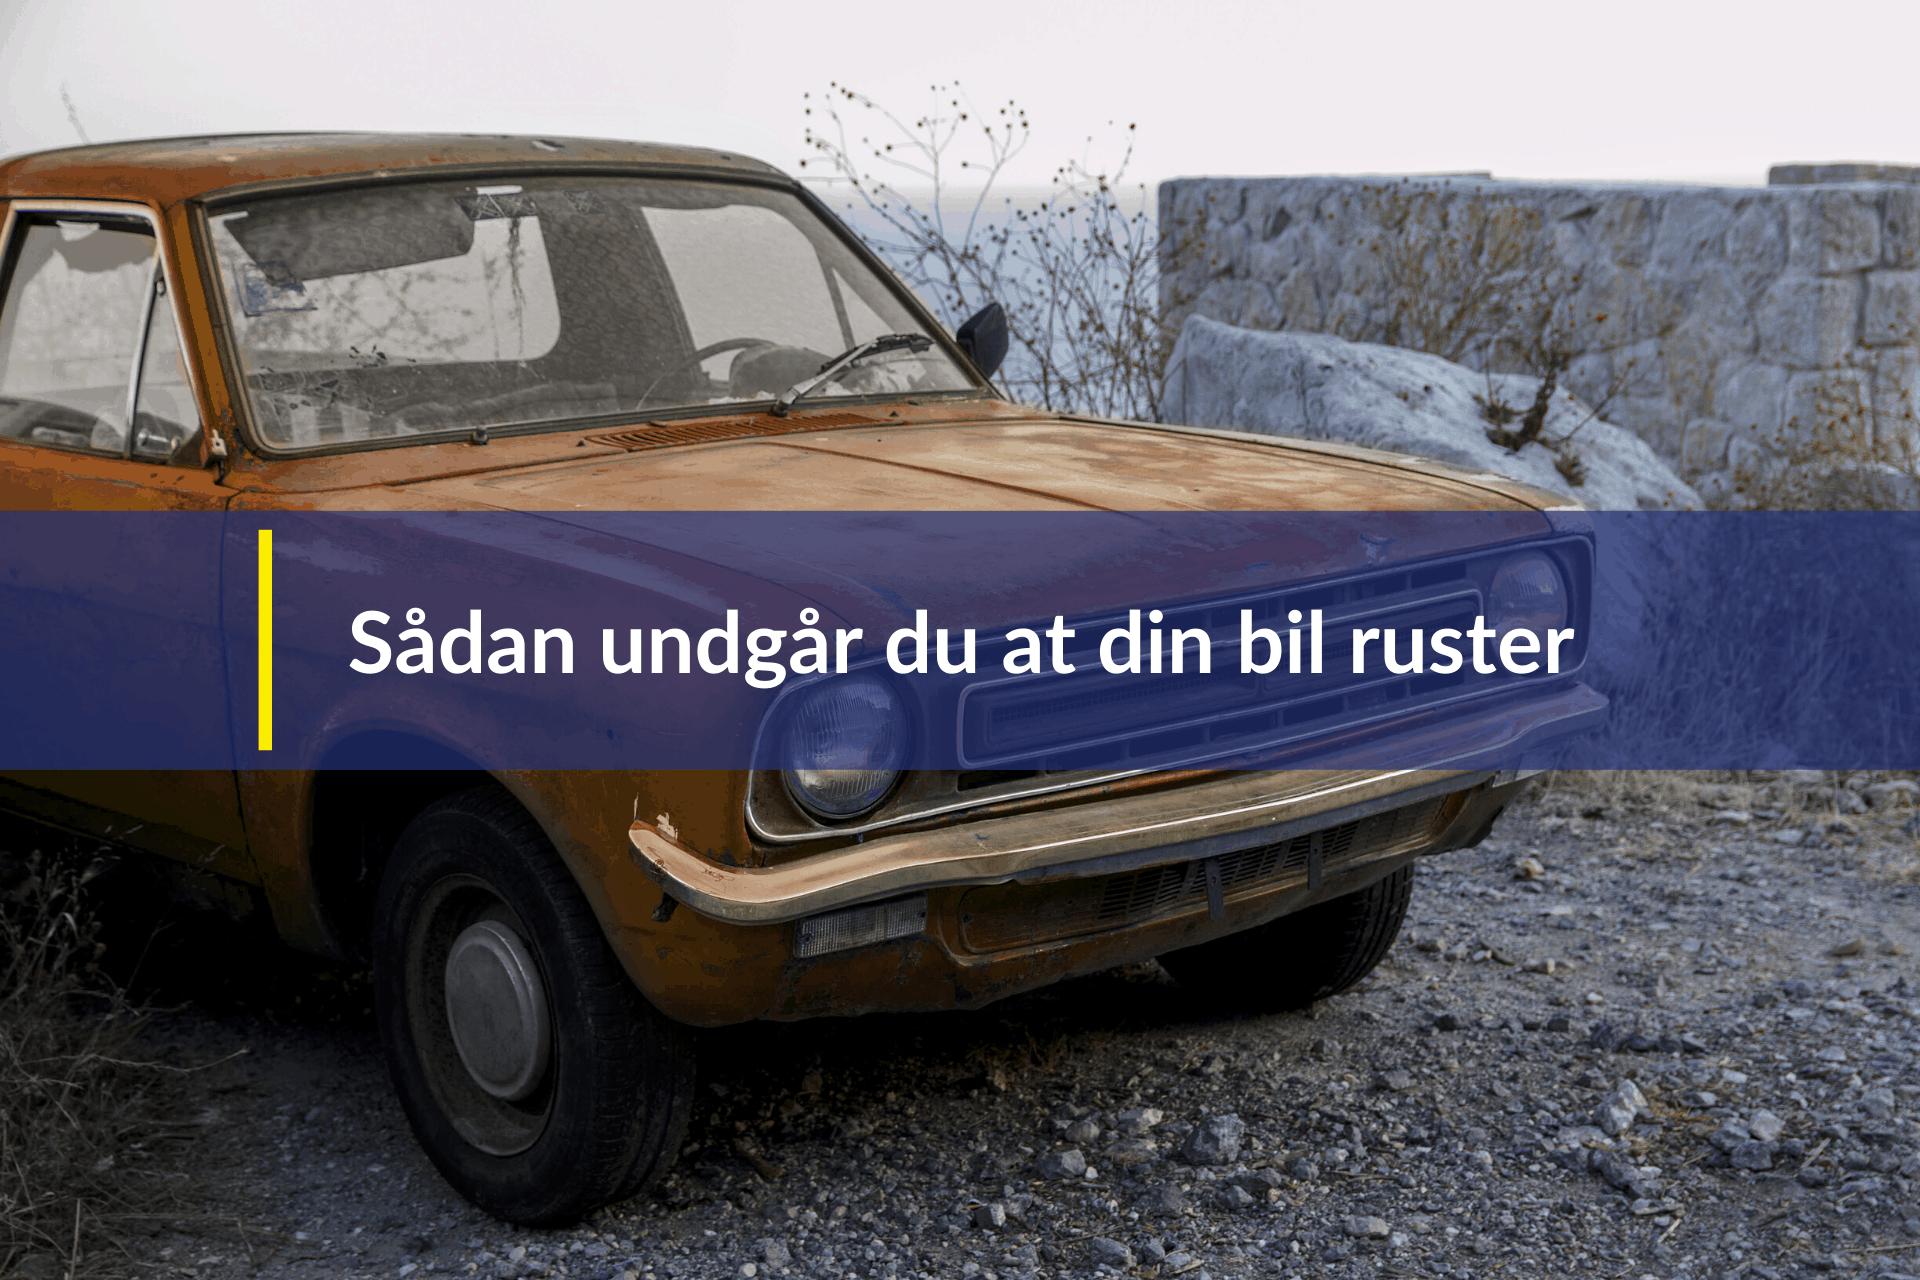 Sådan undgår du at din bil ruster